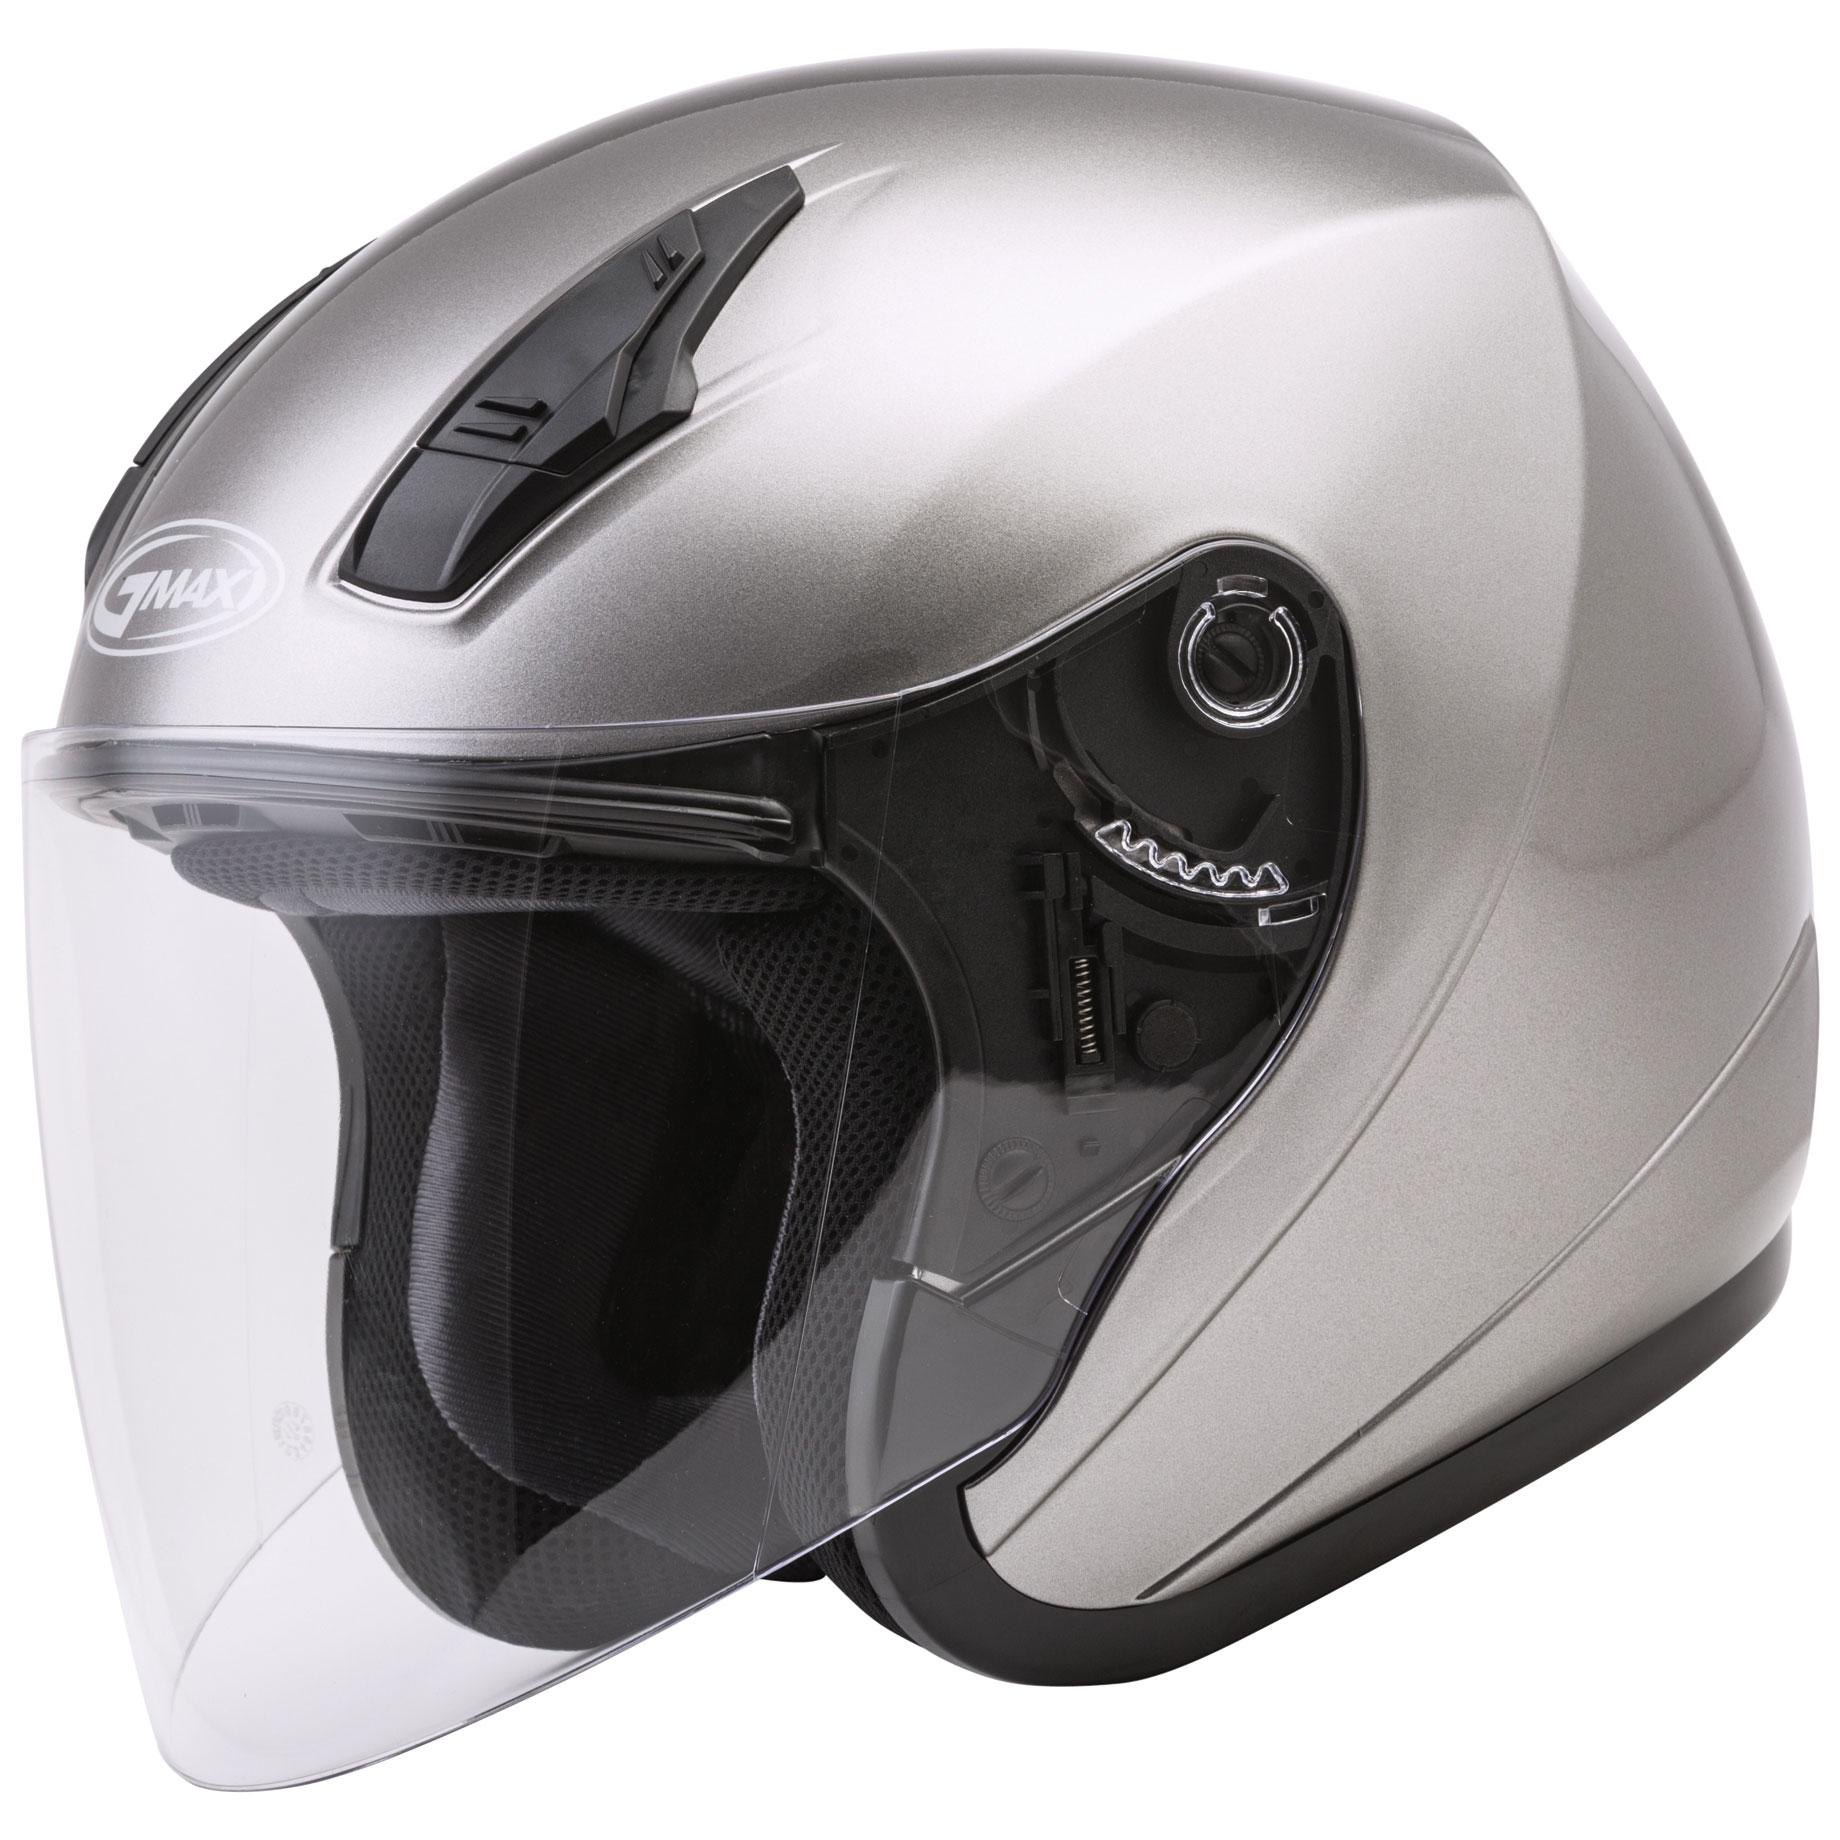 GMAX OF17 Titanium Open Face Helmet